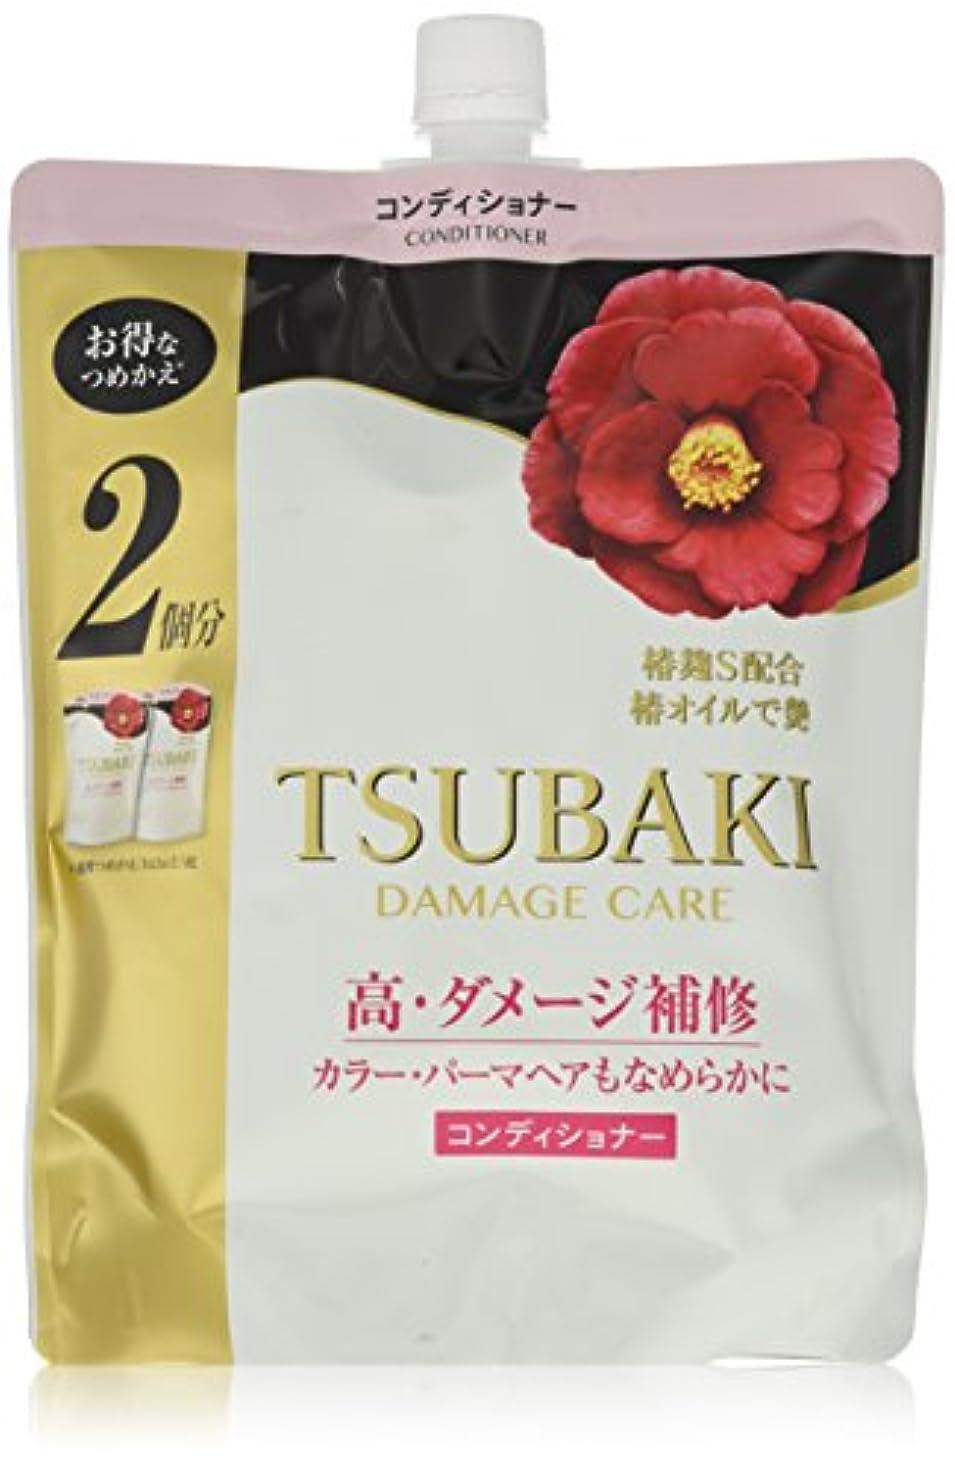 所有者便利プット【大容量】TSUBAKI ダメージケア コンディショナー 詰め替え用 (カラーダメージ髪用) 2倍大容量 690ml